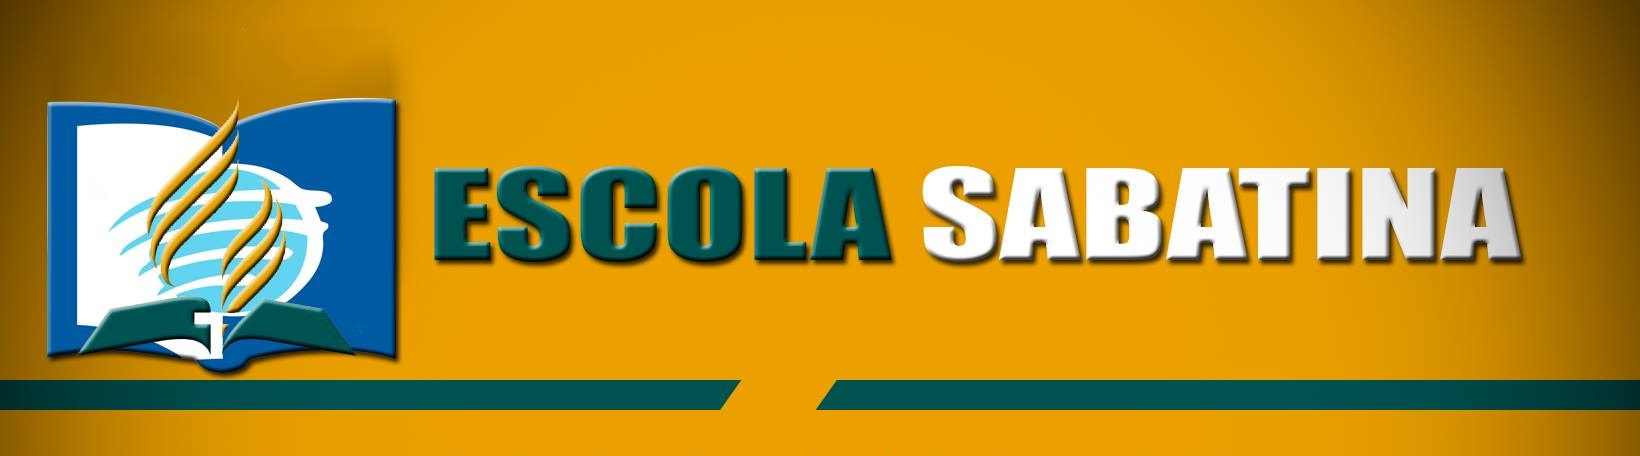 Portal Escola Sabatina Online